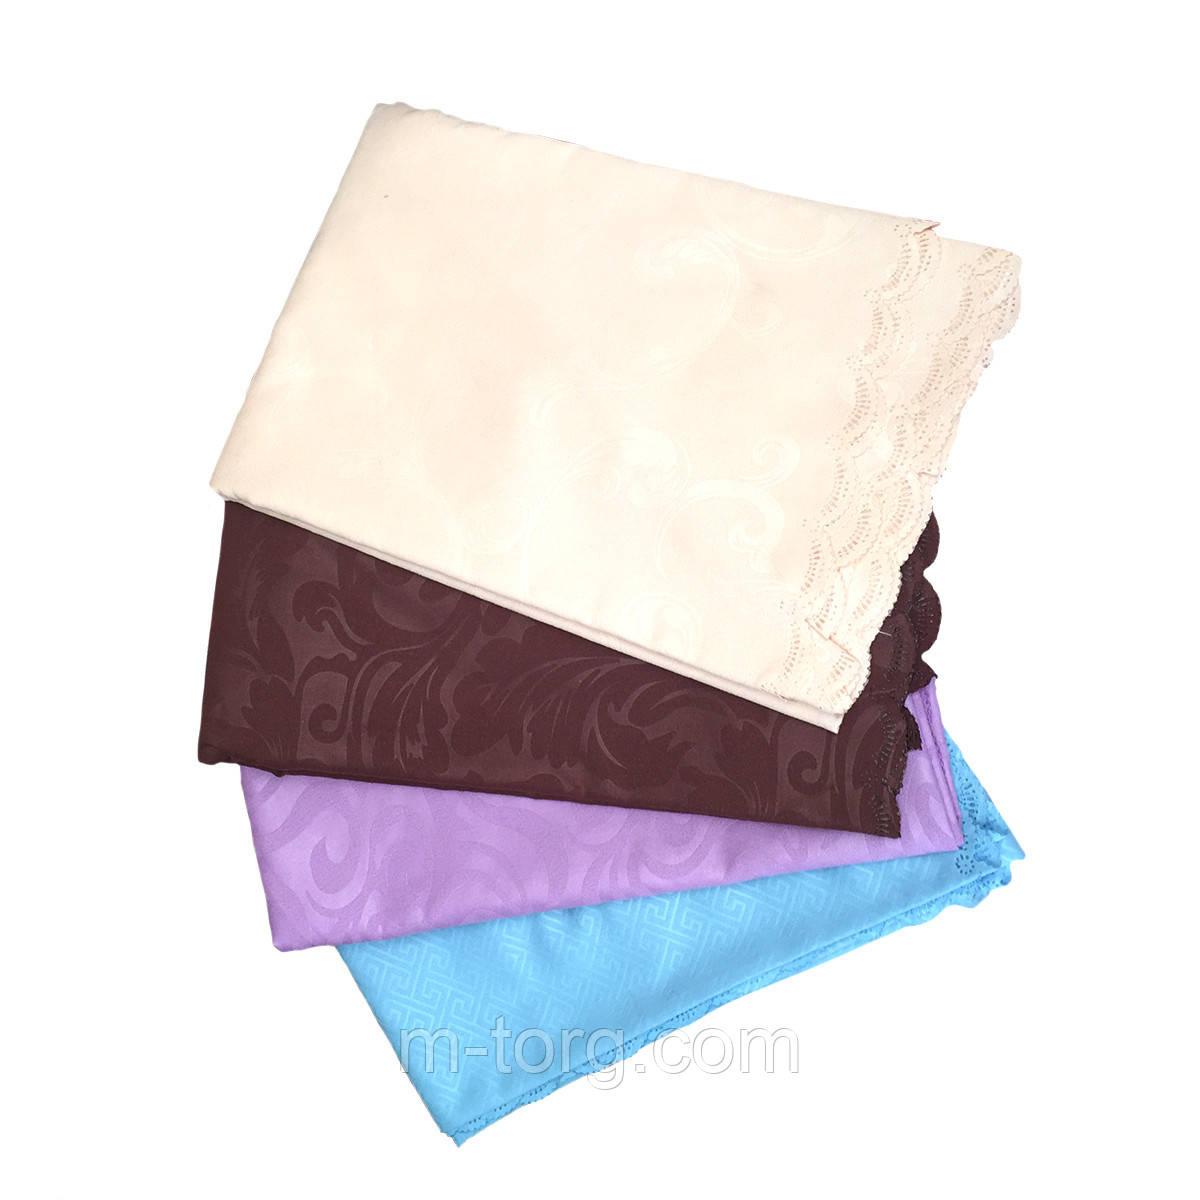 Скатерть 110*180 см,ткань микрофибра